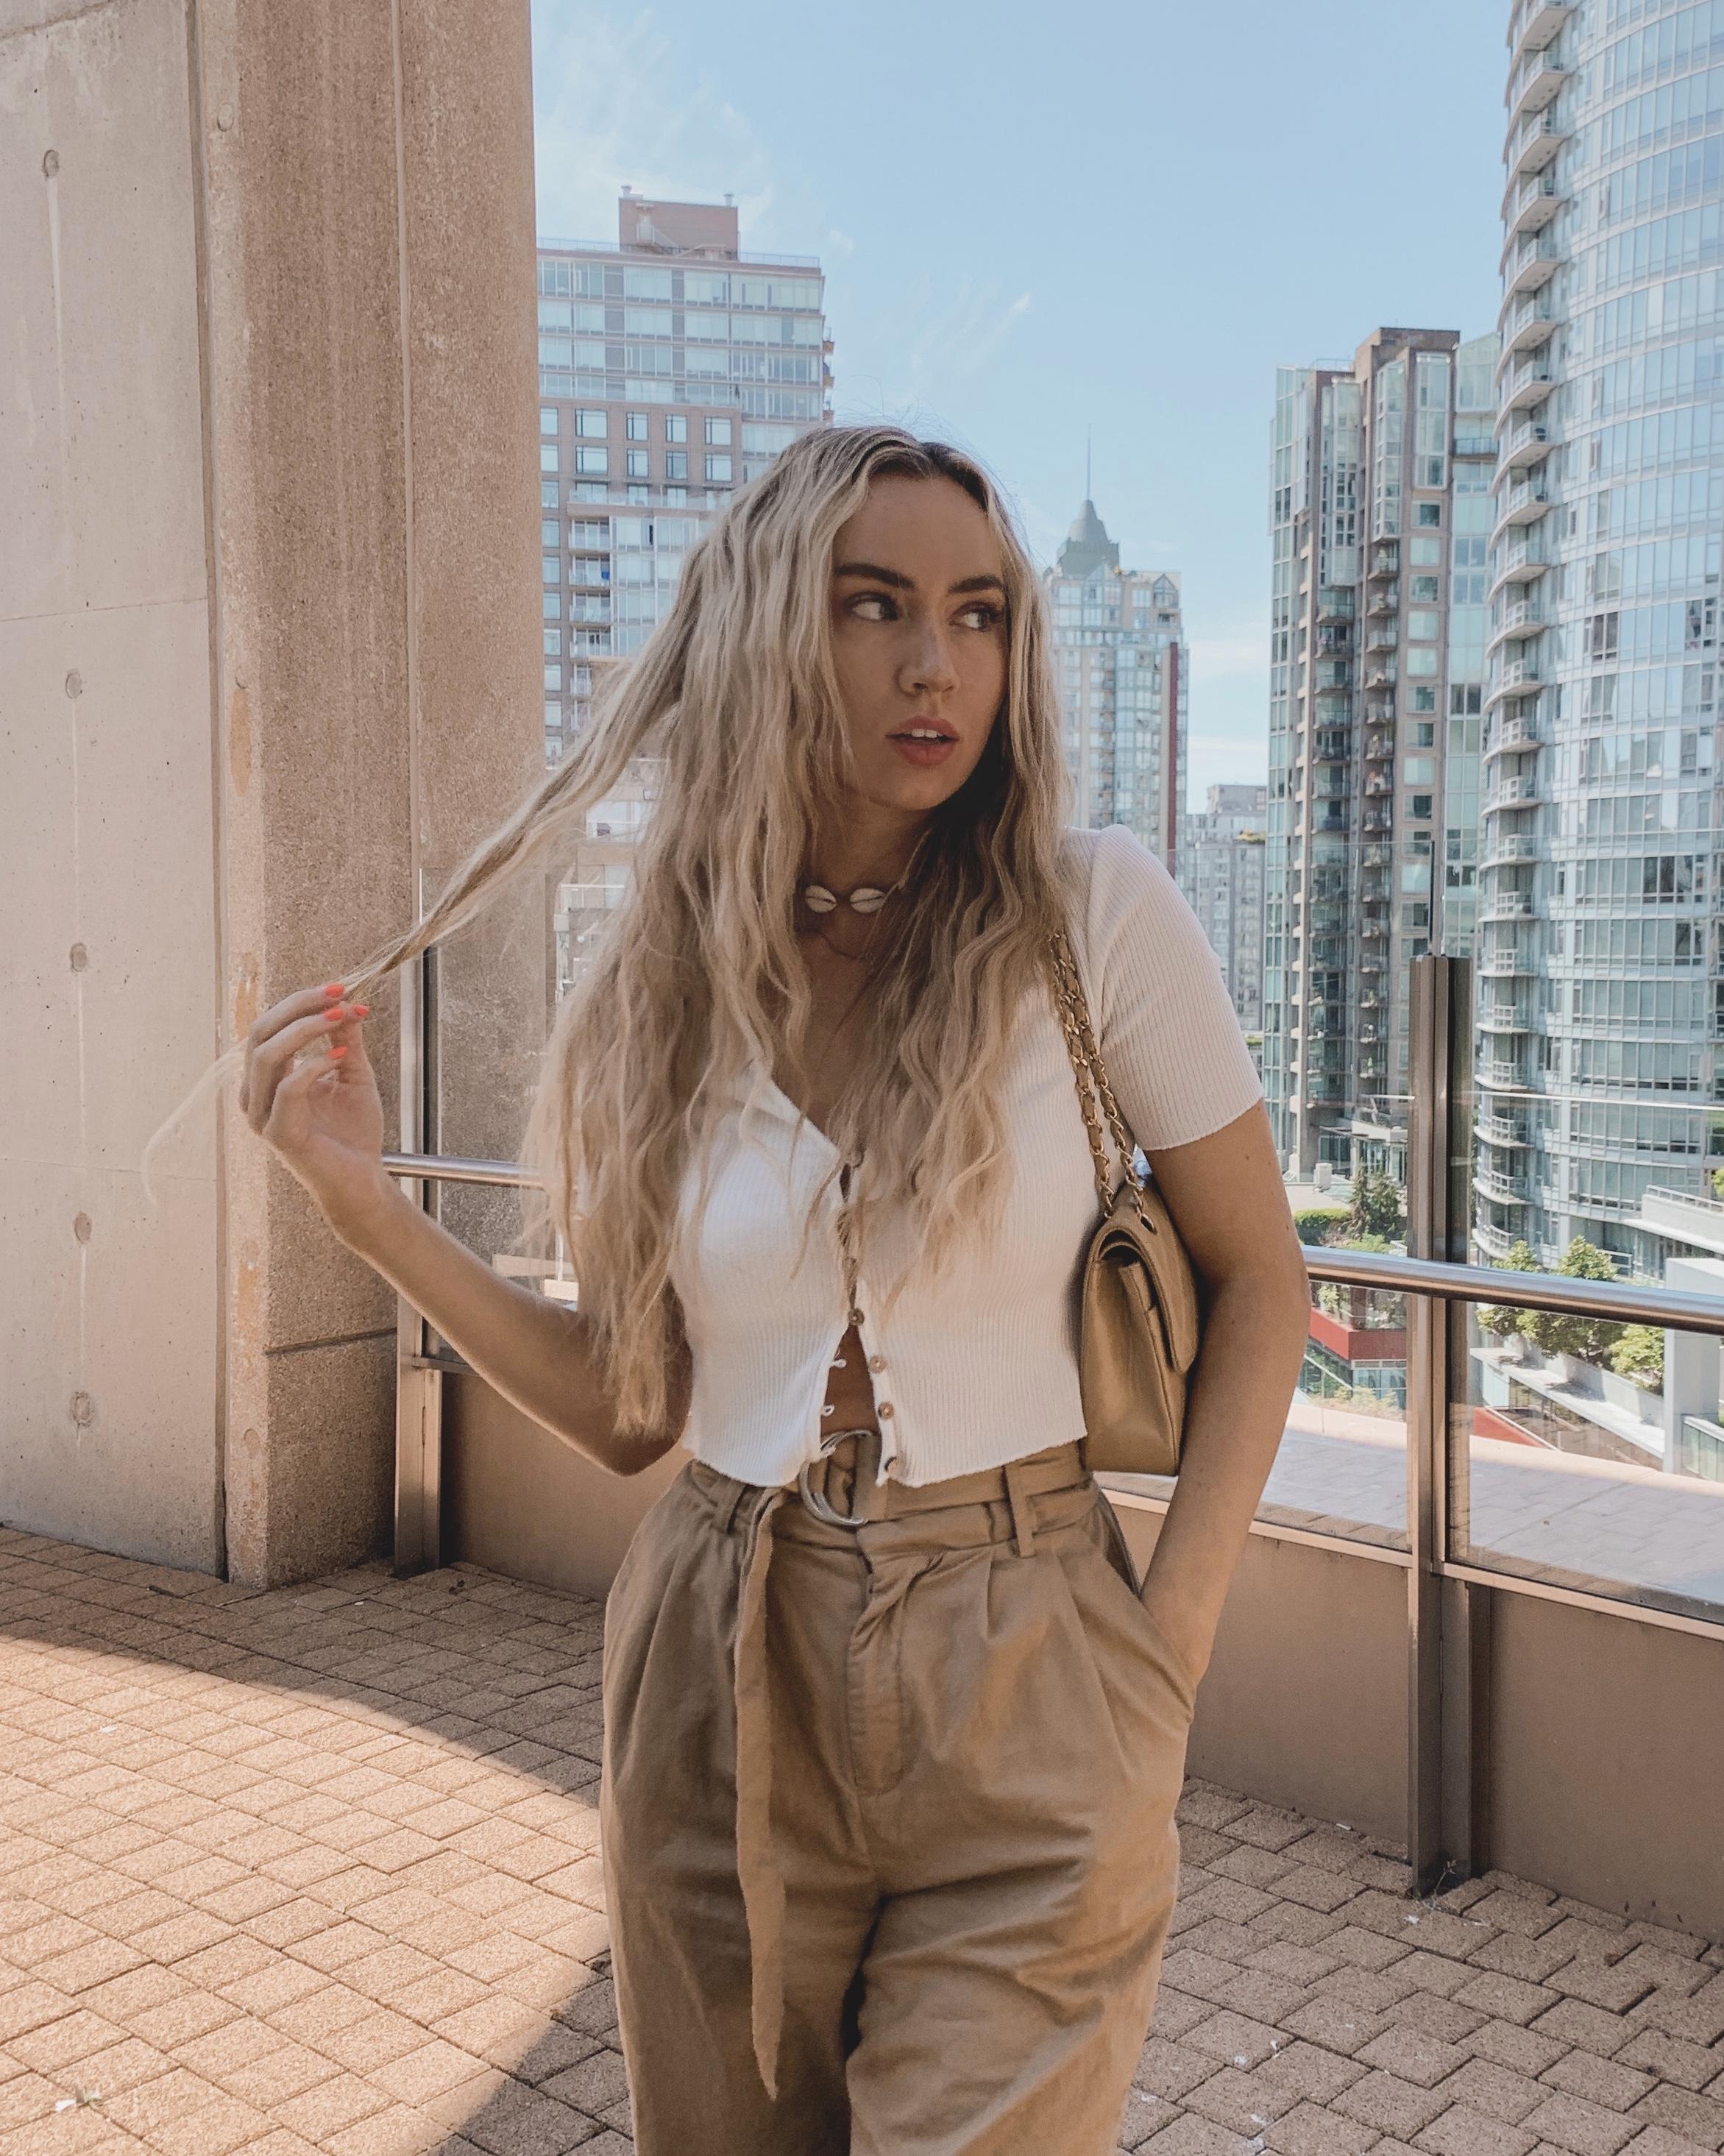 the look - Zara topVintage ChanelZara pants